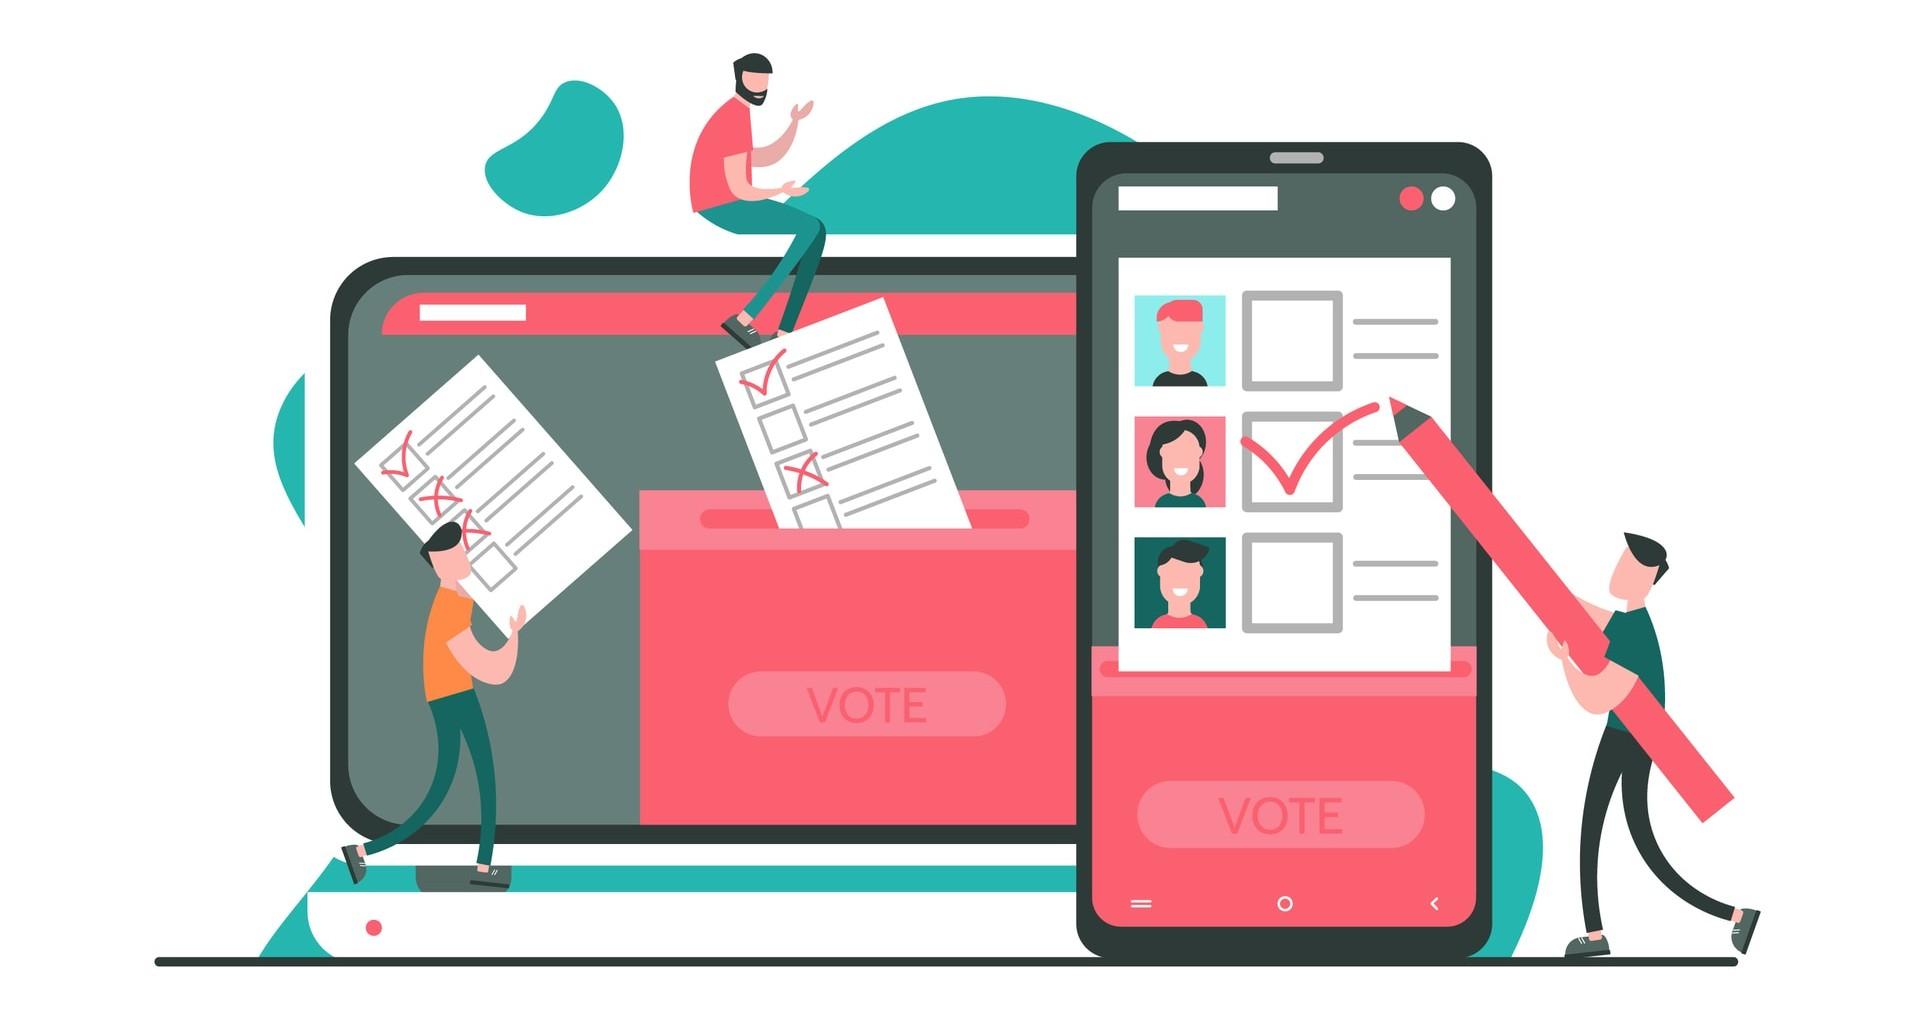 estrategia-civica-elecciones-puebla-portada-conecta